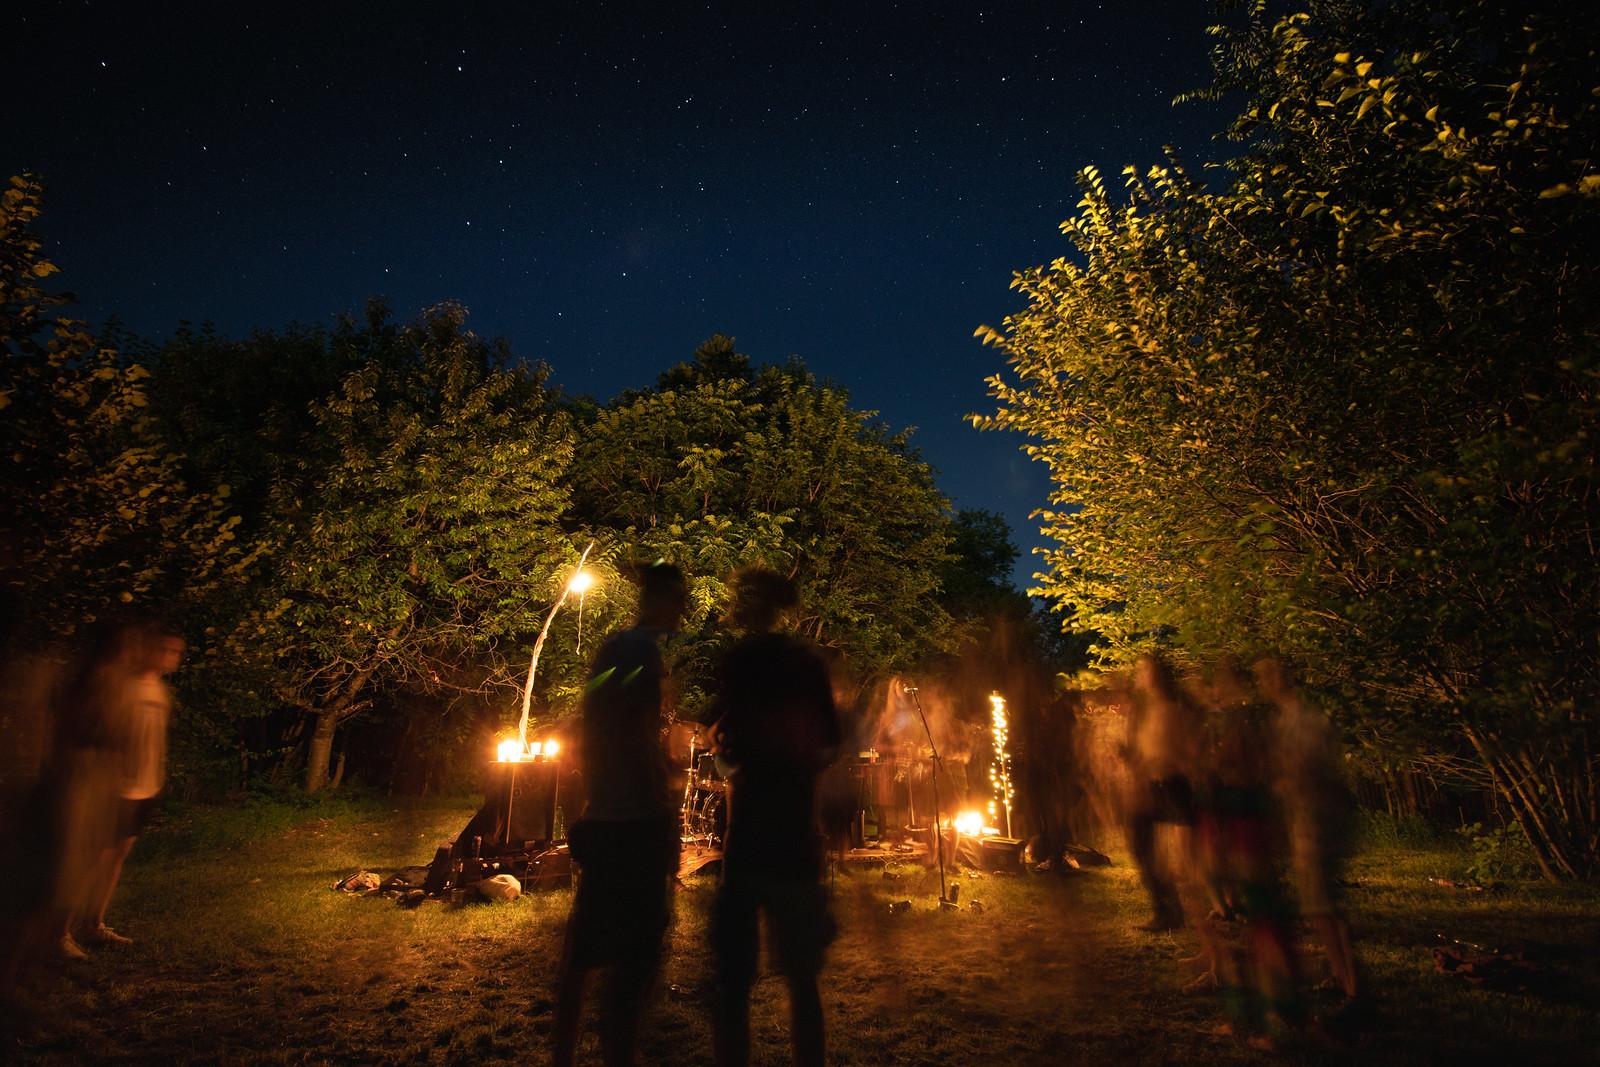 Újabb fesztivál tűnik fel a Csongrád-Csanádi palettán